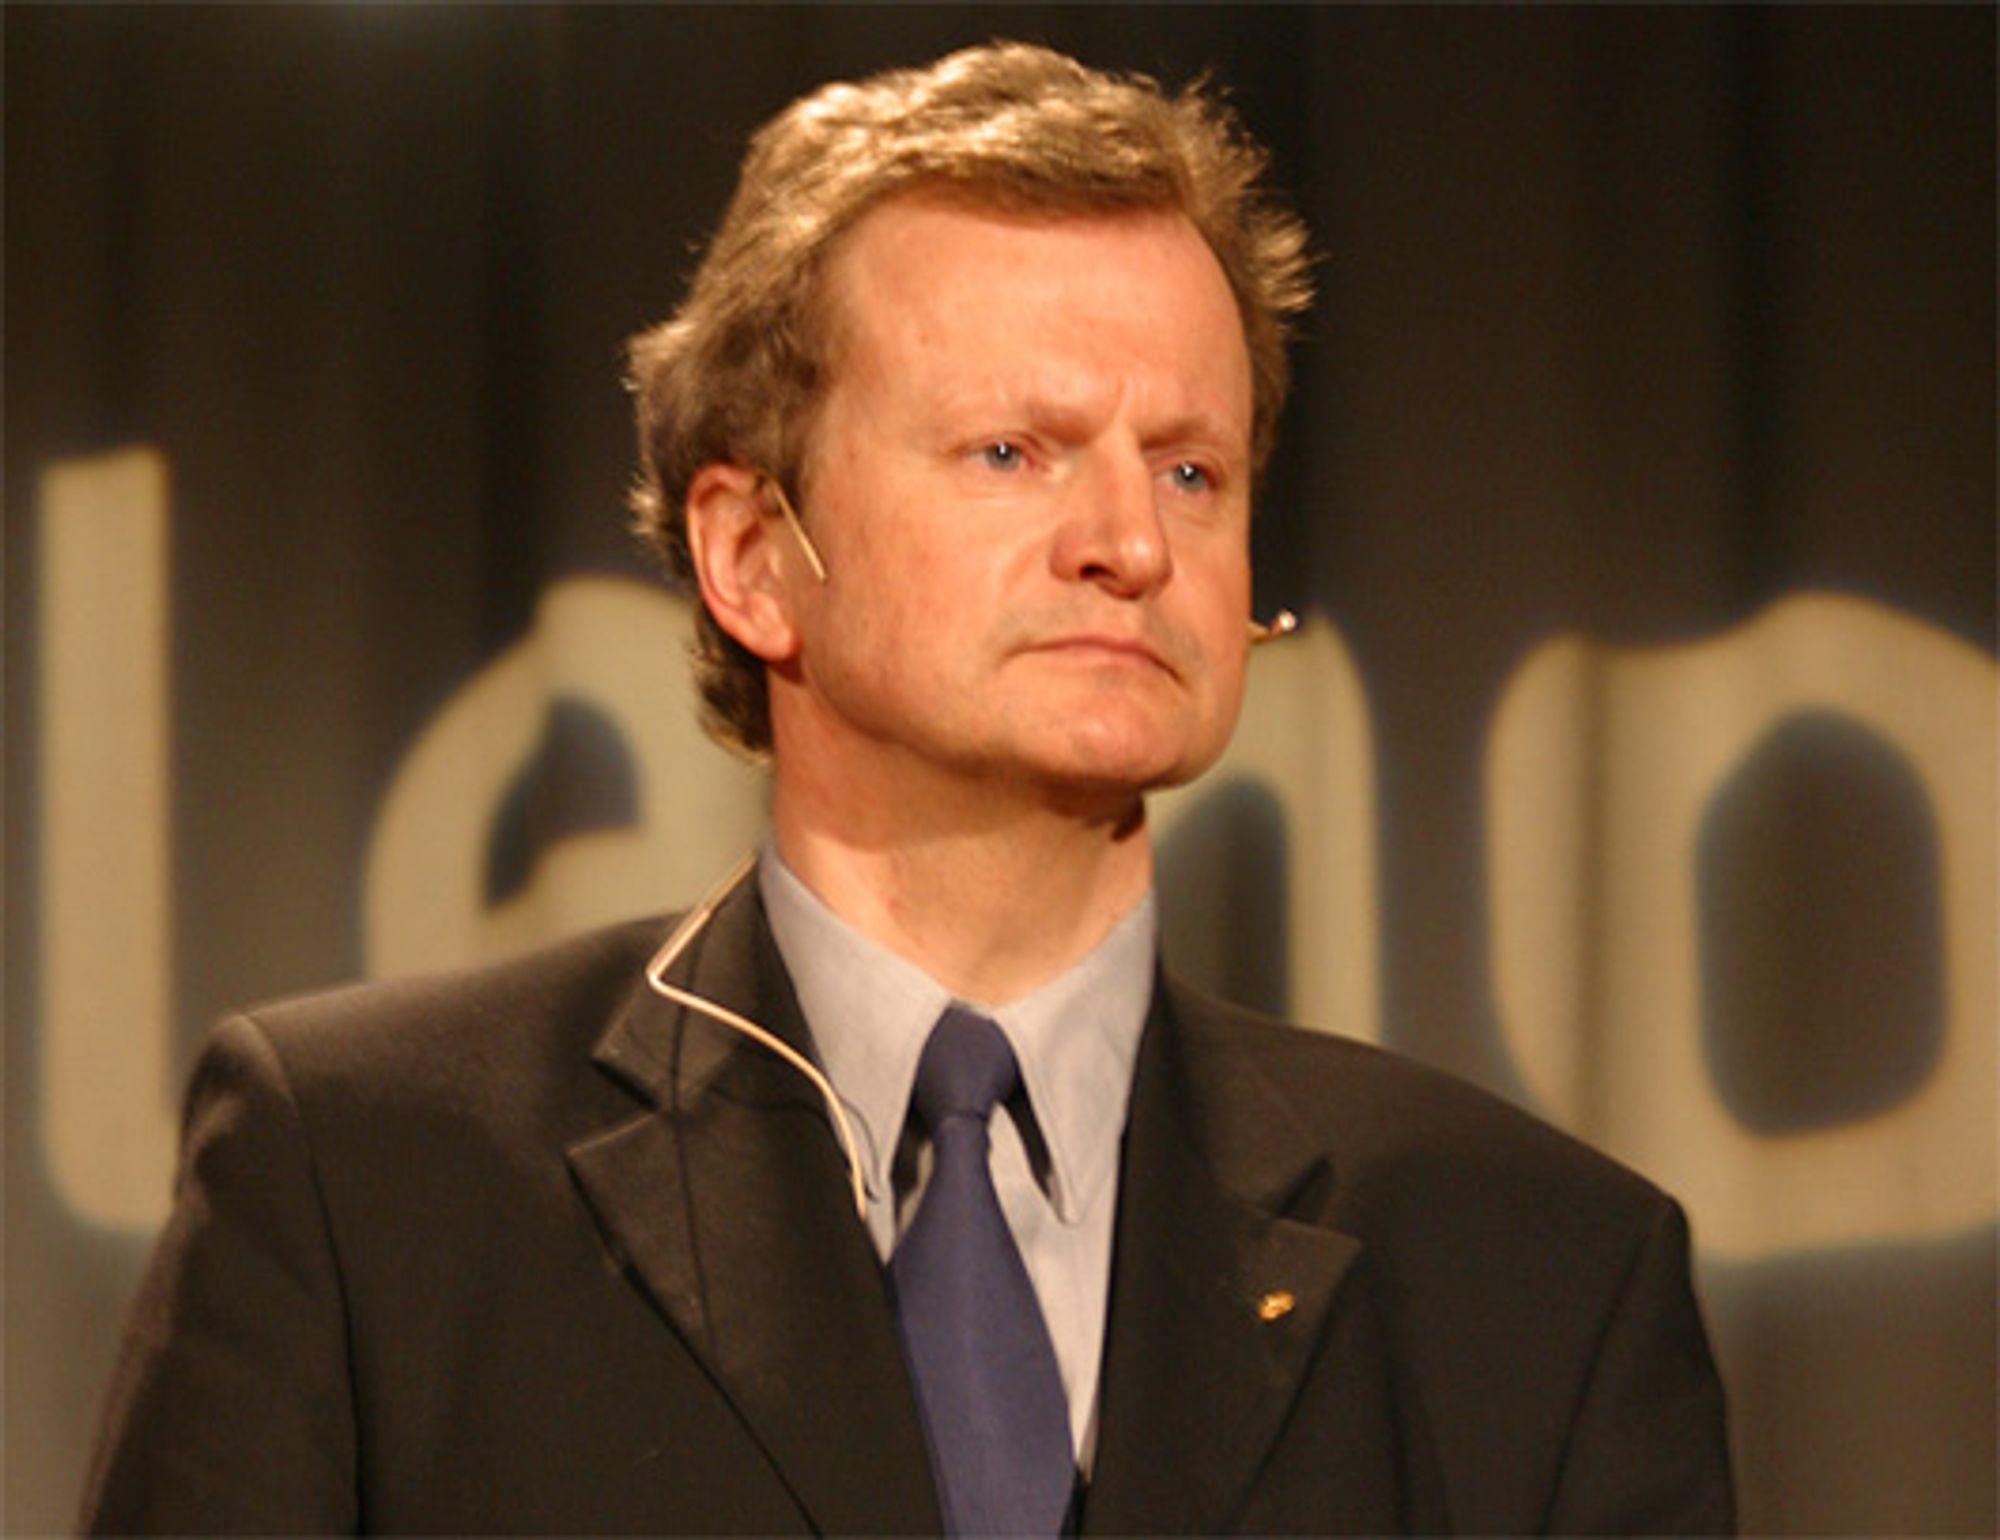 Telenorsjef Jon Fredrik Baksaas er i hardt vær.